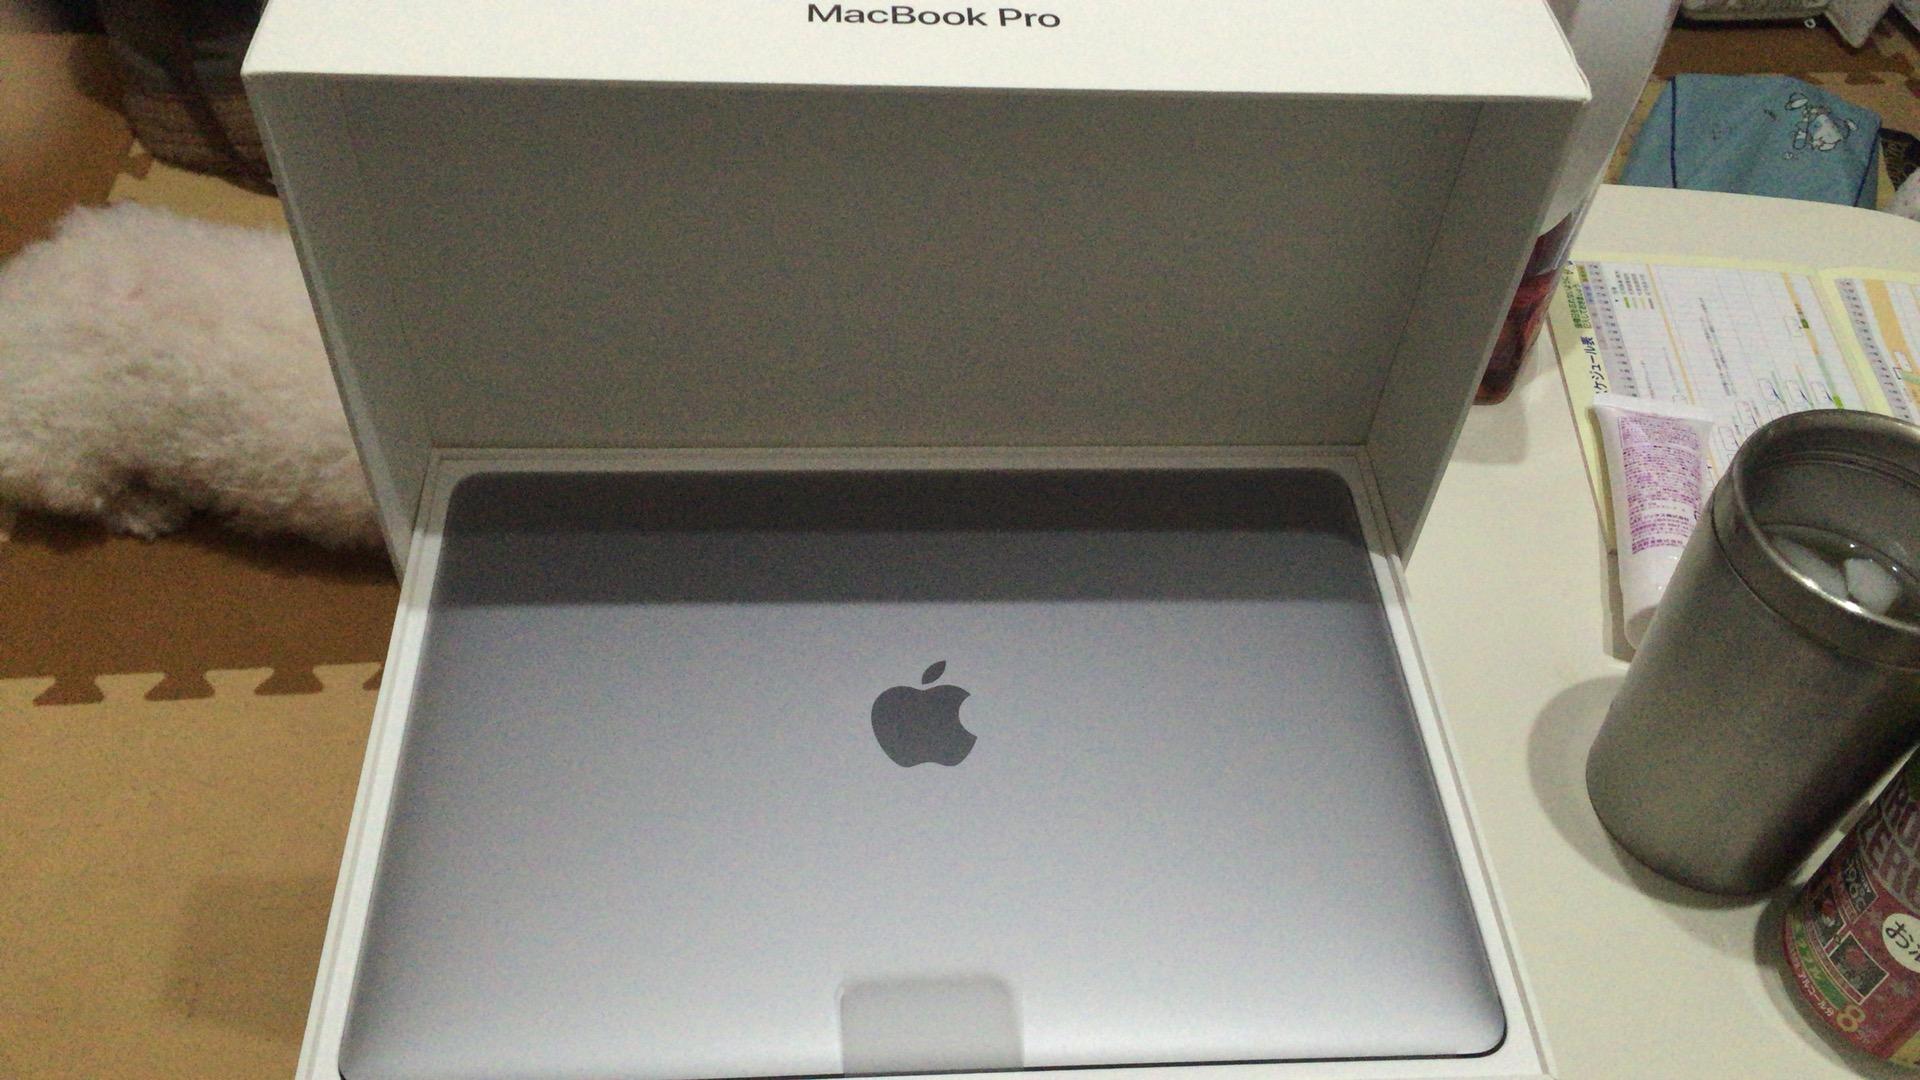 MacBook Proさんようこそビランチェへ